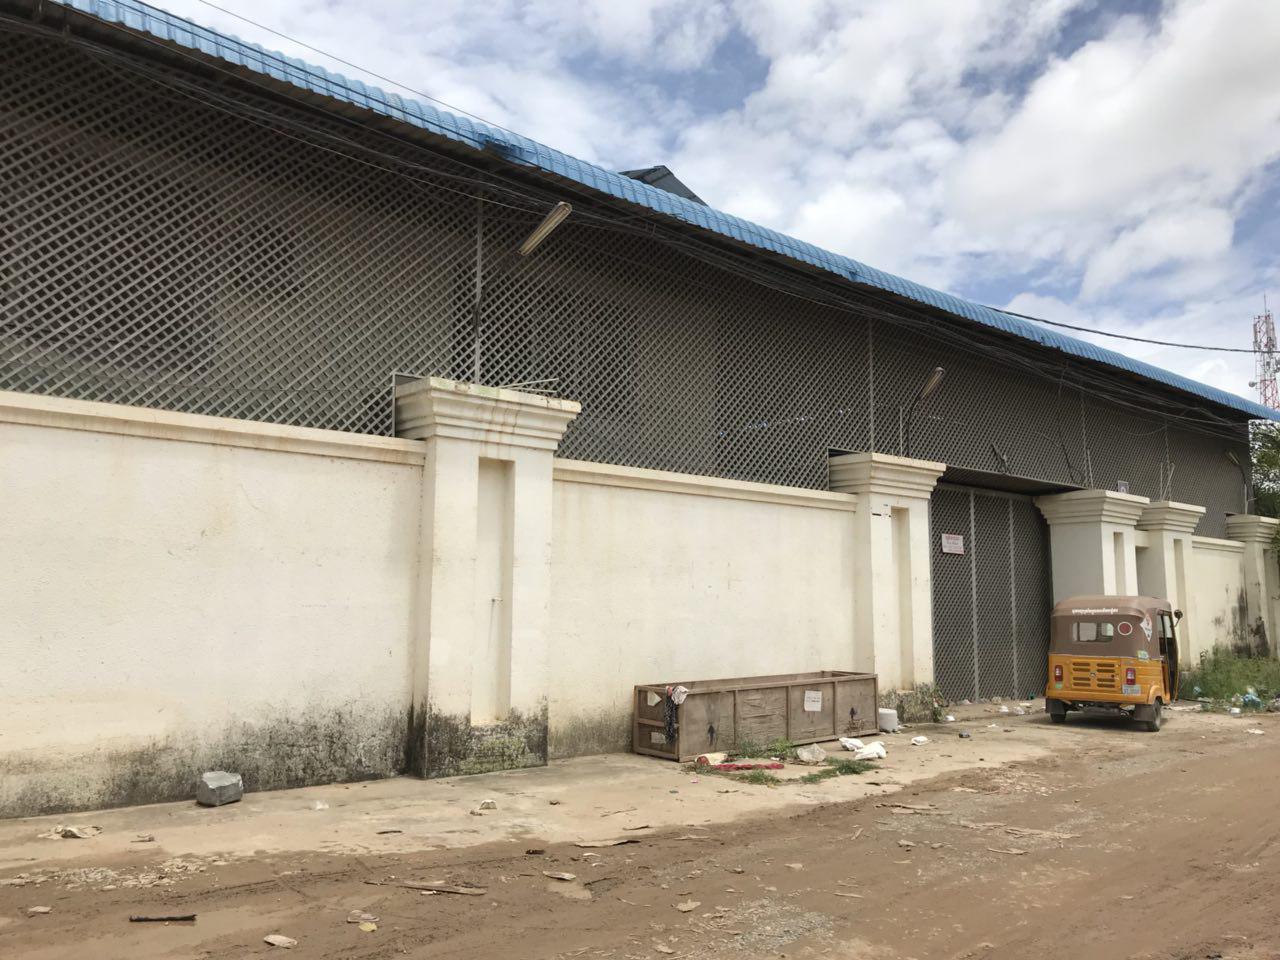 仓库出租 - 新的金边公社-40米x 45米(1800平方米)